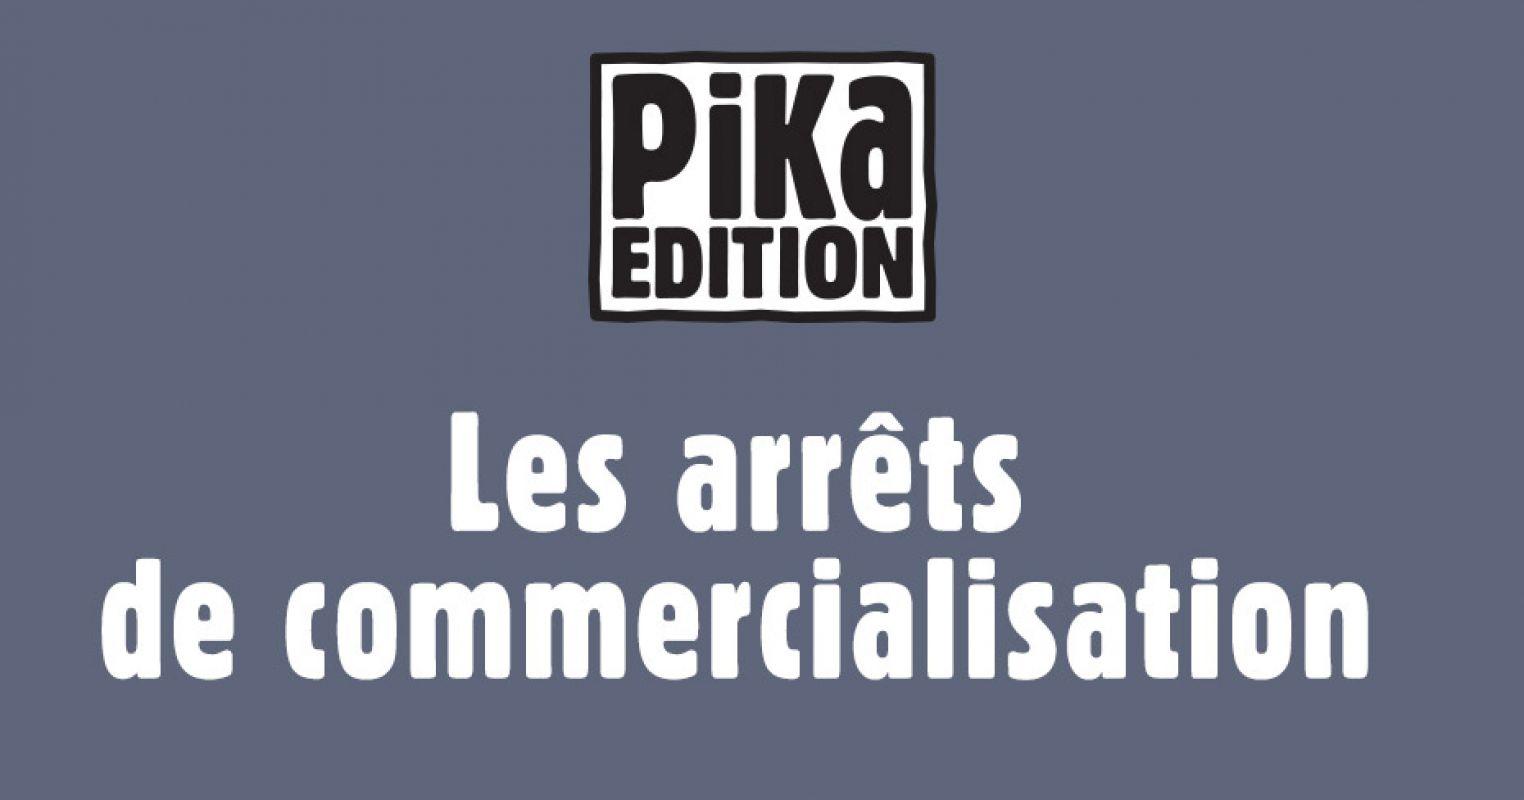 Pika annonce plusieurs arrêts de commercialisation